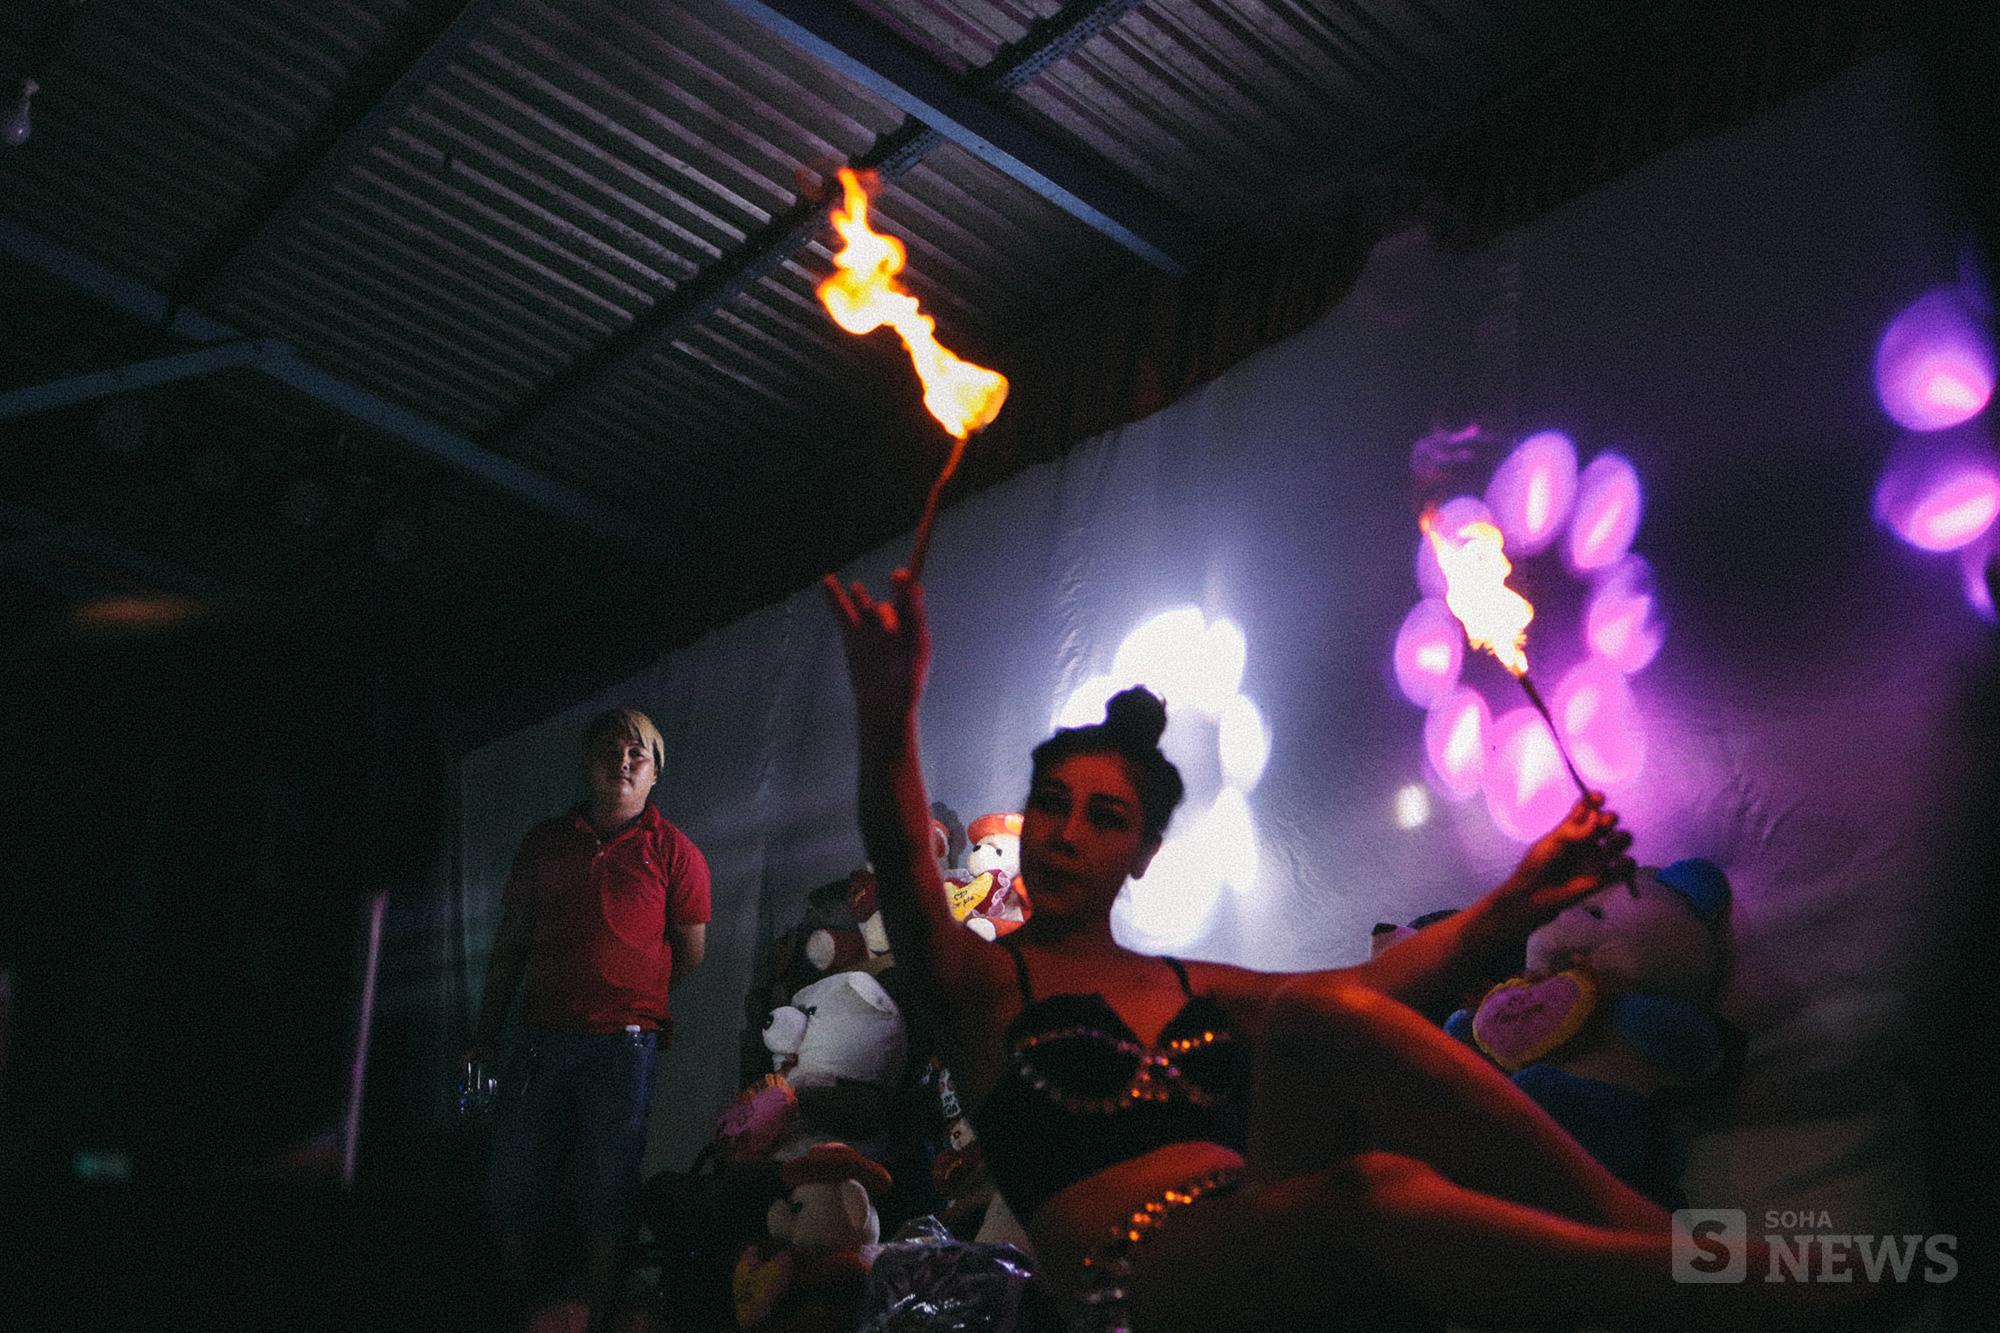 Cận cảnh phận Lô tô: Múa lửa, nhai than, lưỡi lam và góc tối cay đắng không dễ thấy! - Ảnh 9.